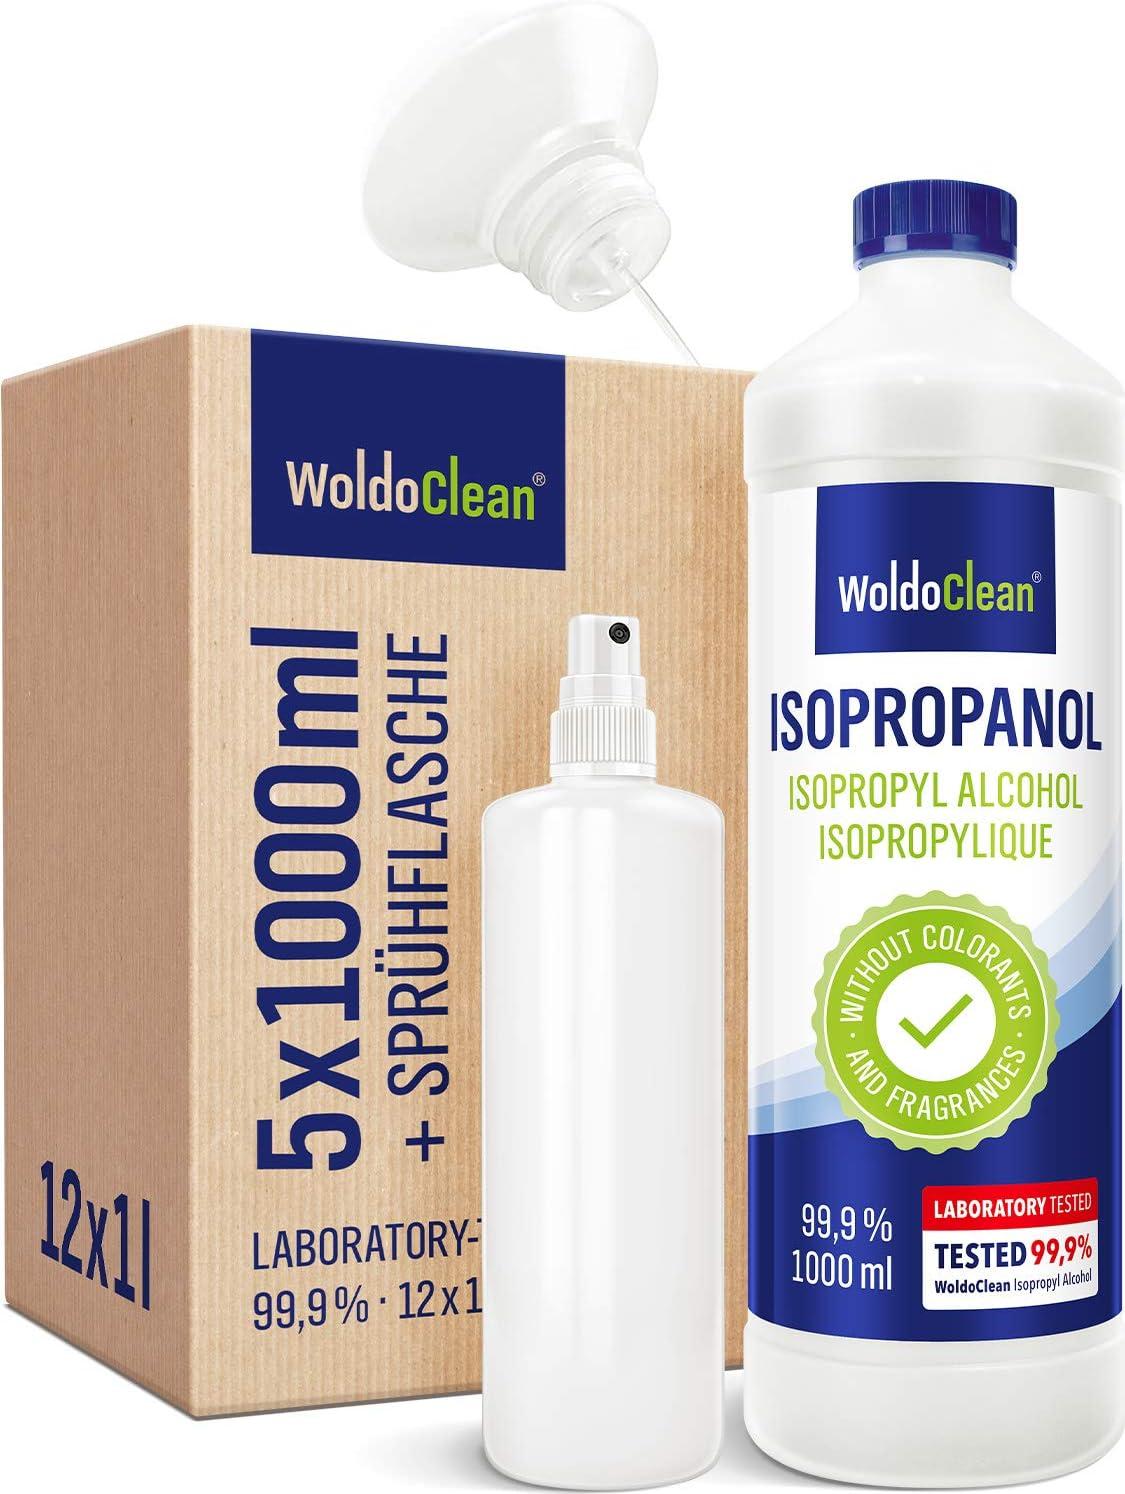 Isopropanol 5 Liter Fettlöser Reiniger Lösungsmittel 99 9 Mit Sprühflasche Drogerie Körperpflege